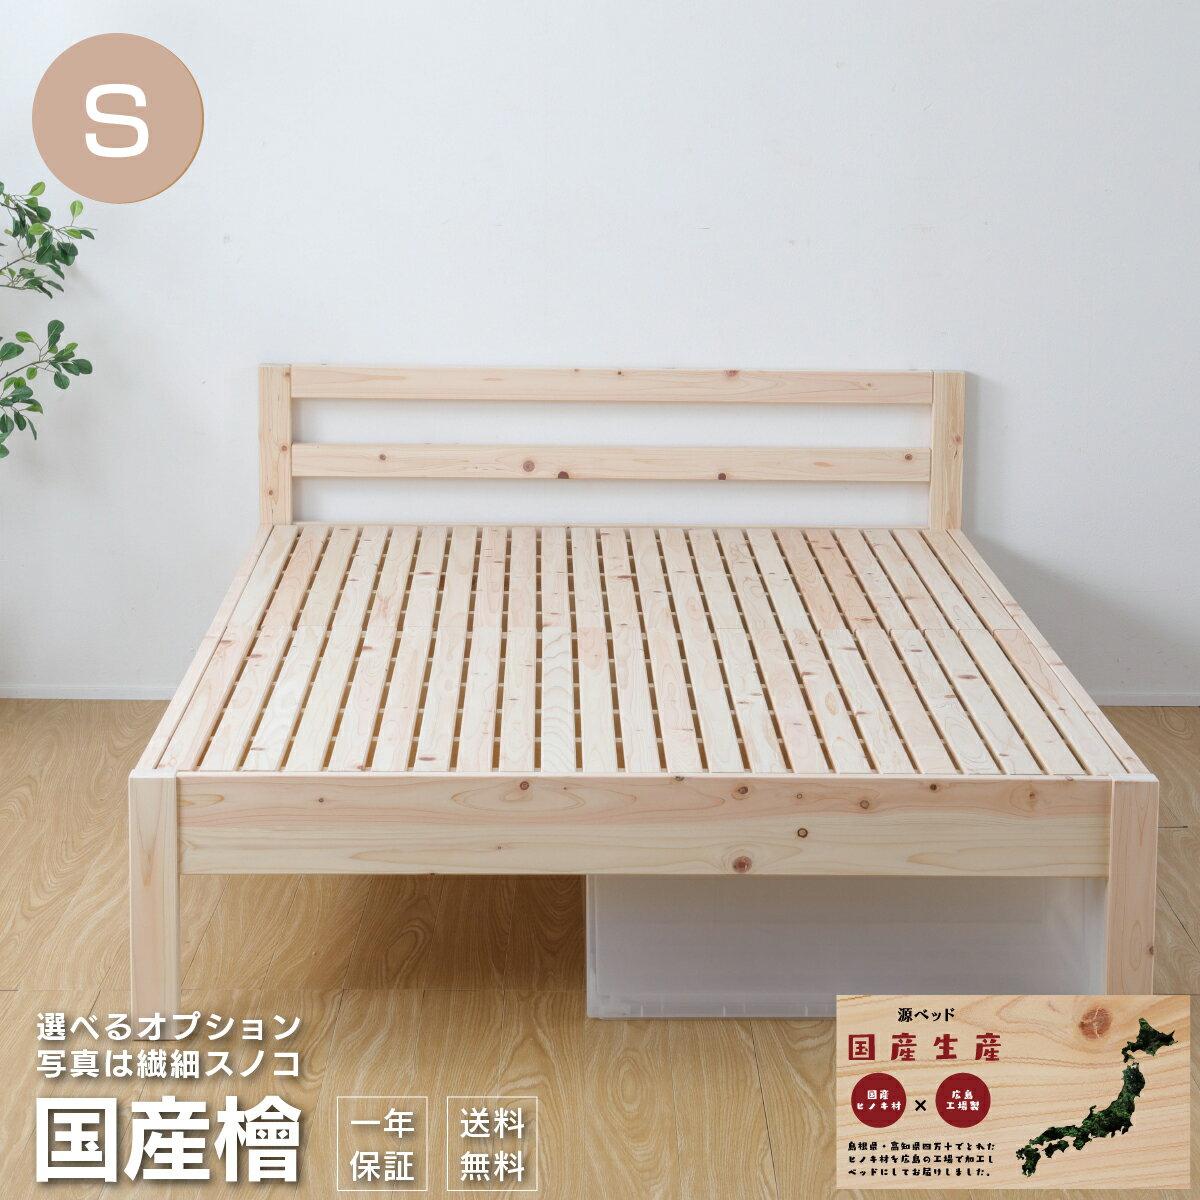 ひのきベッド ヒノキすのこベッド すのこベッド 日本製 国産 シングル ショート コンパクトベッド フレームのみ ベッド ベッドフレーム 下収納 シングルベッド 檜 桧 低ホルムアルデヒド 繊細スノコ 高さ調節 1年保証付き